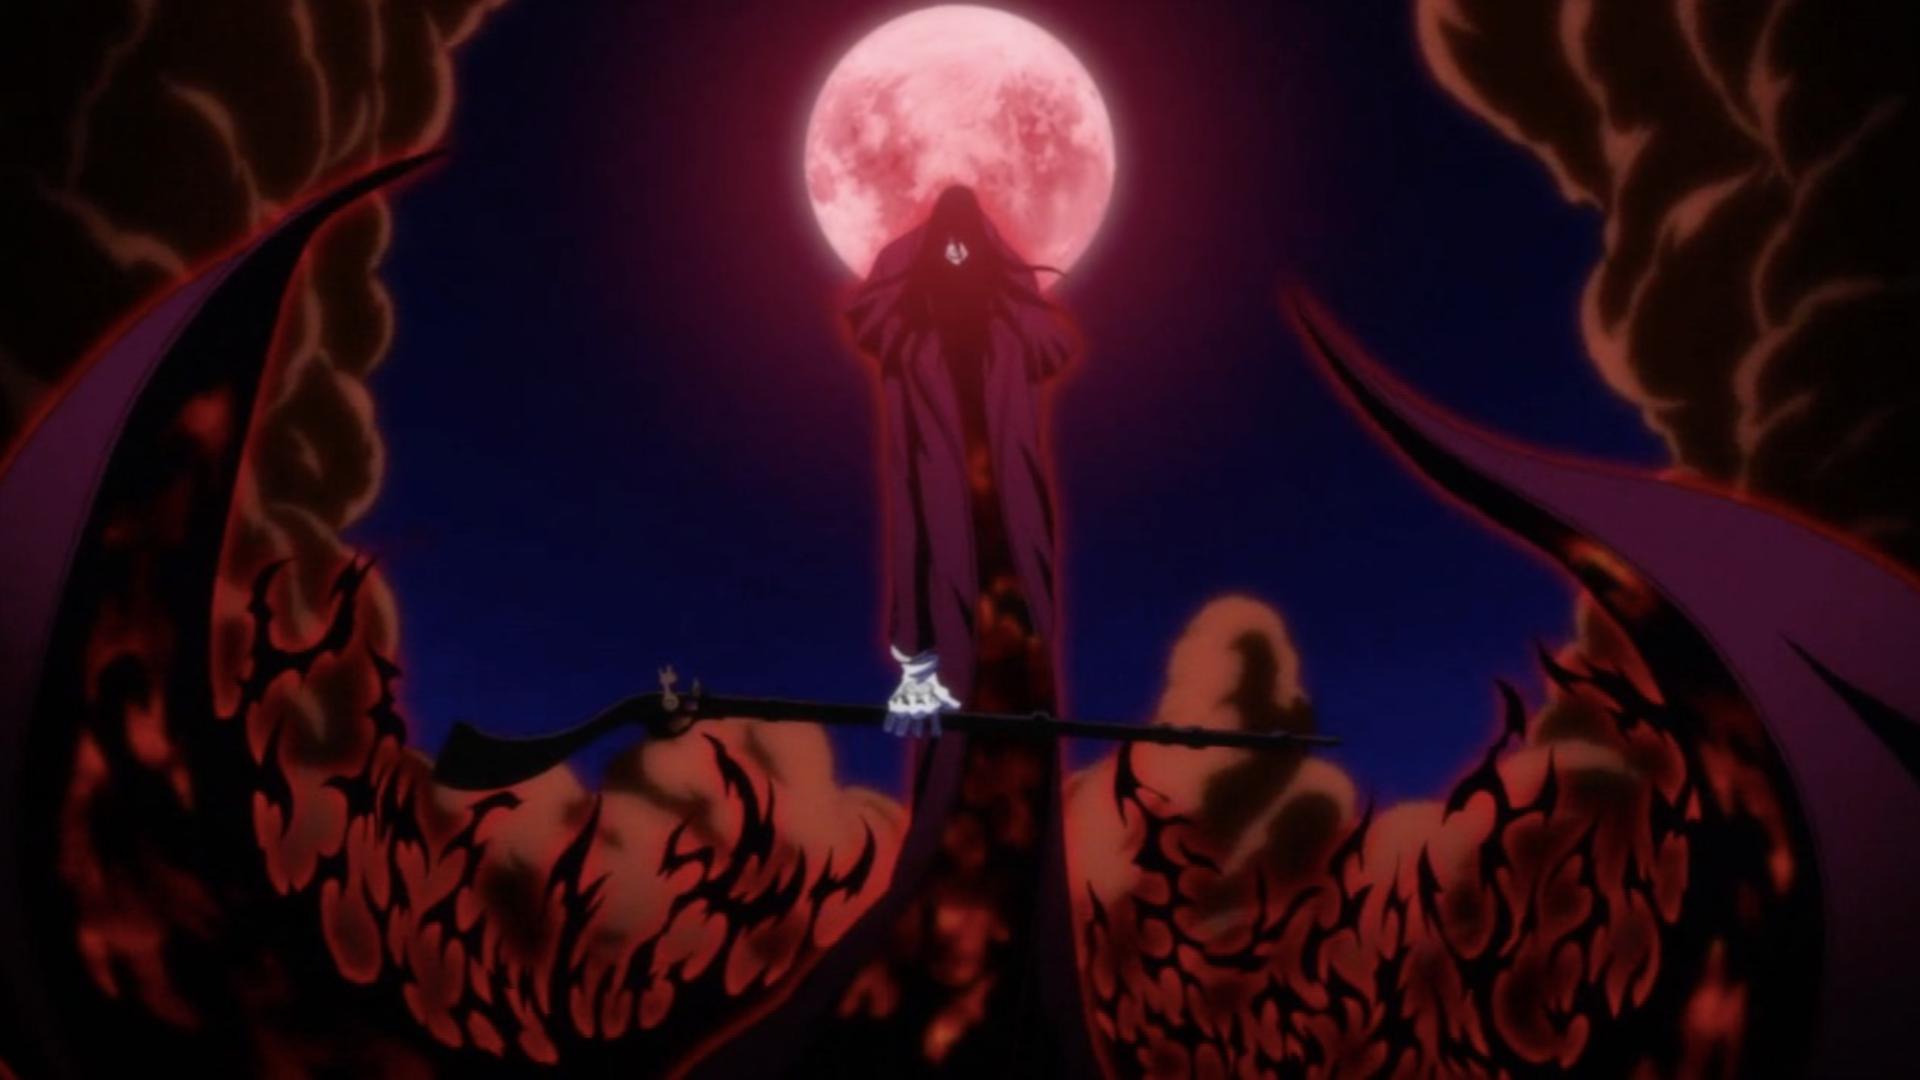 不死军团占领航母,吸血鬼王奉命出击,驾驭黑色铁马屠戮全场